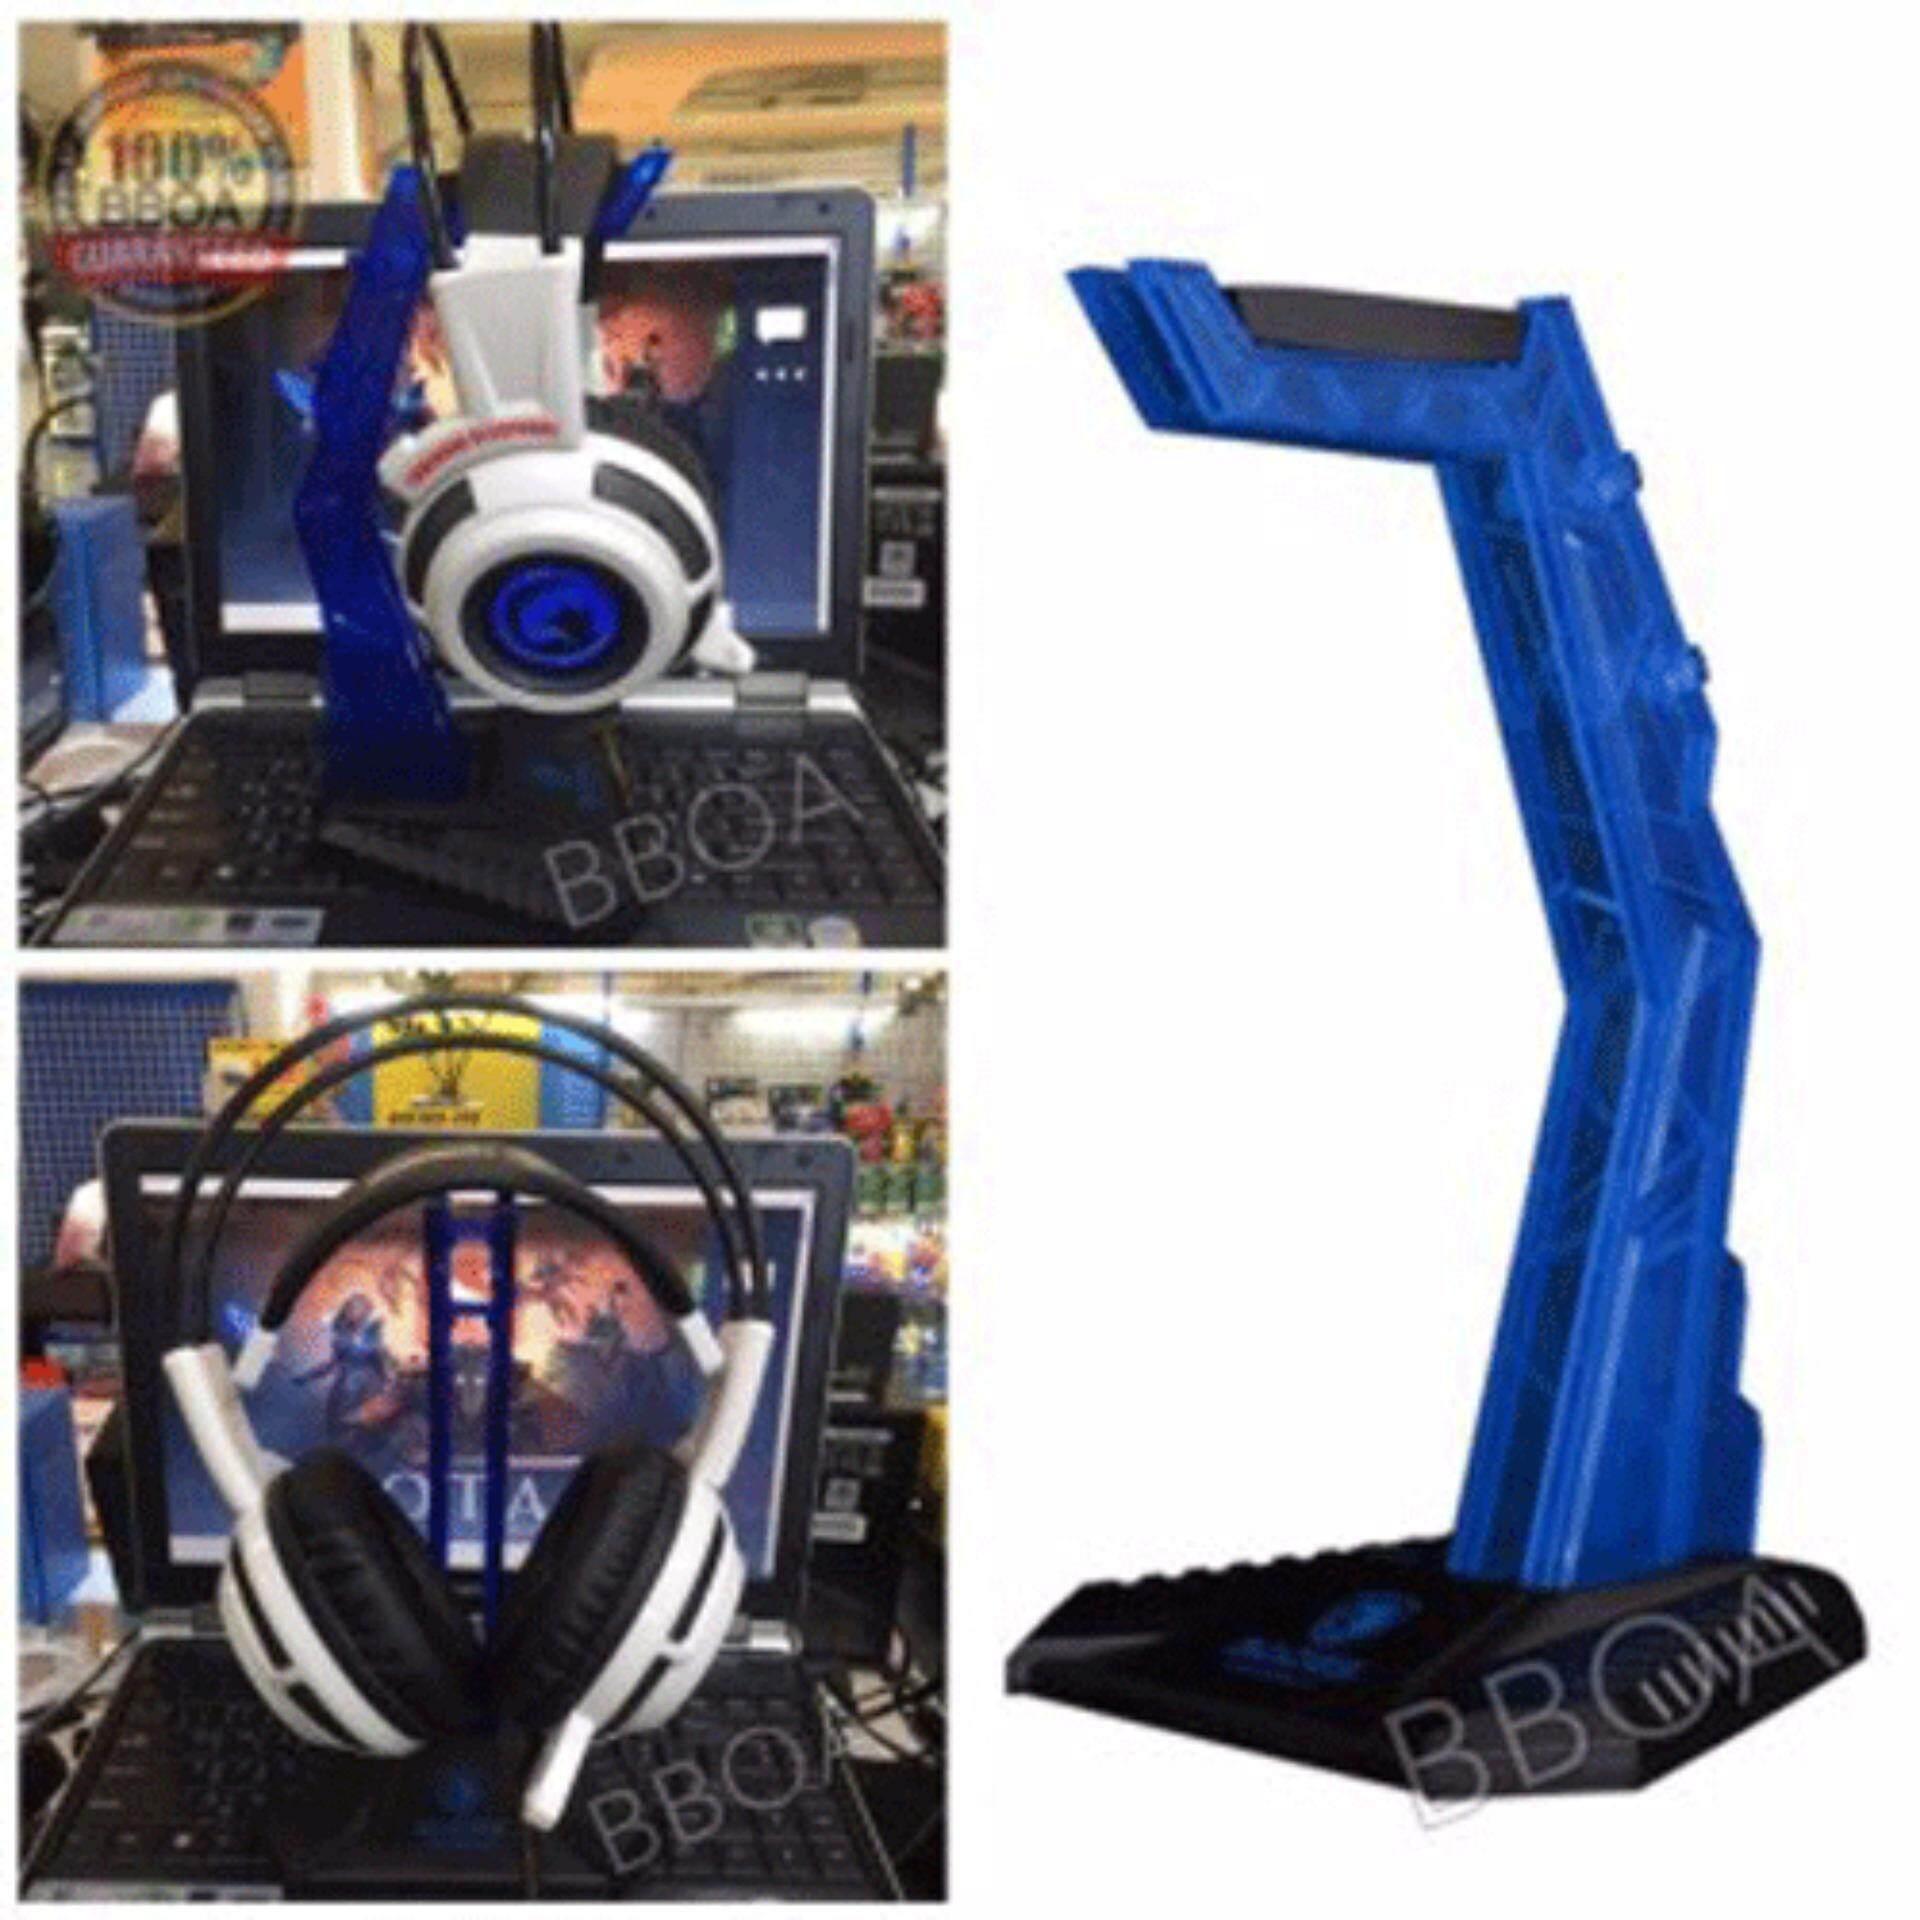 โปรโมชั่น Bb Shop Sades ที่แขวนหูฟัง ที่วางหูฟัง ขาตั้งหูฟัง Headset Stand นนทบุรี